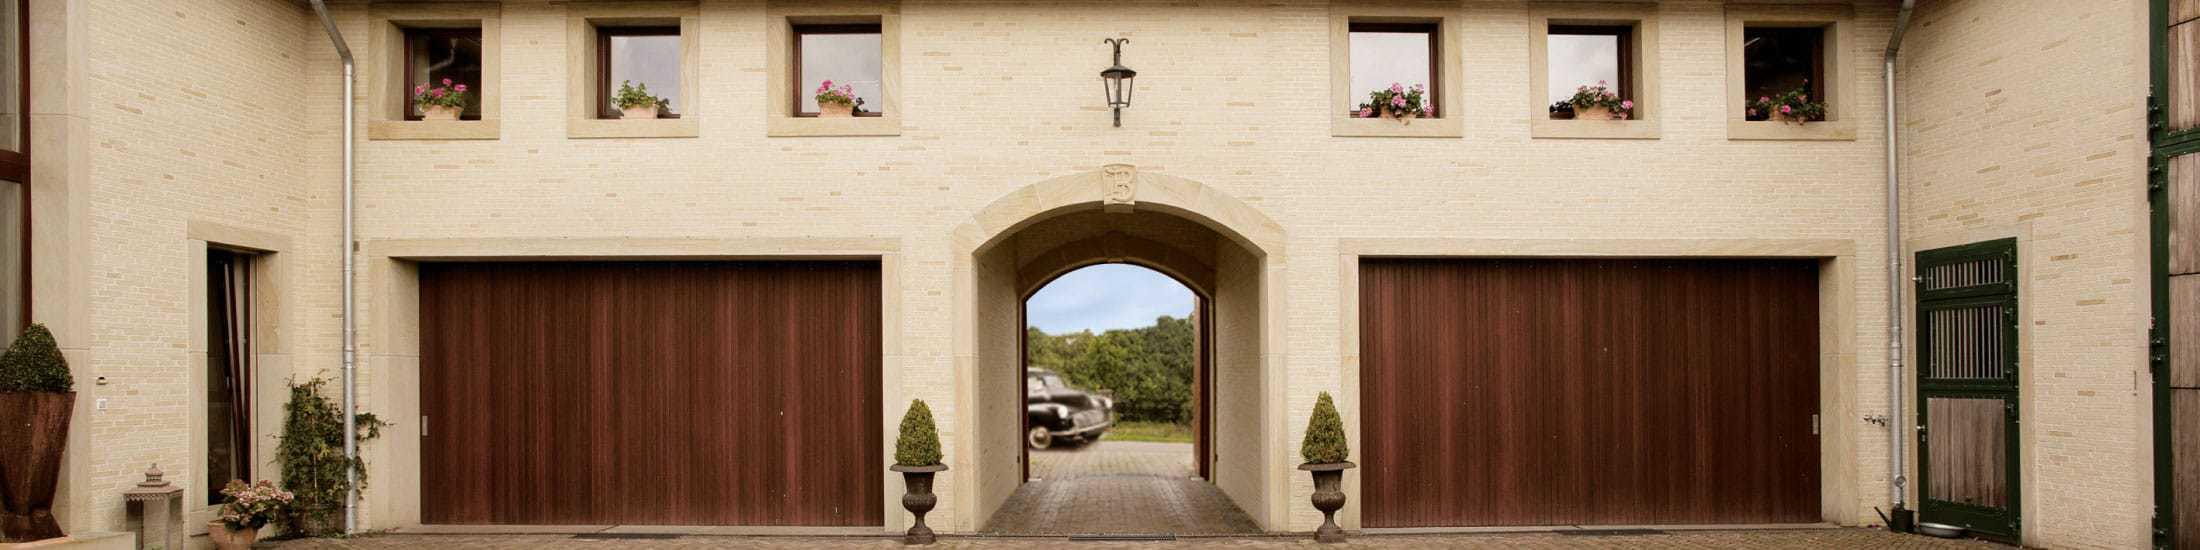 Fassaden aus Natursteinen, BannwegBau Saarlouis